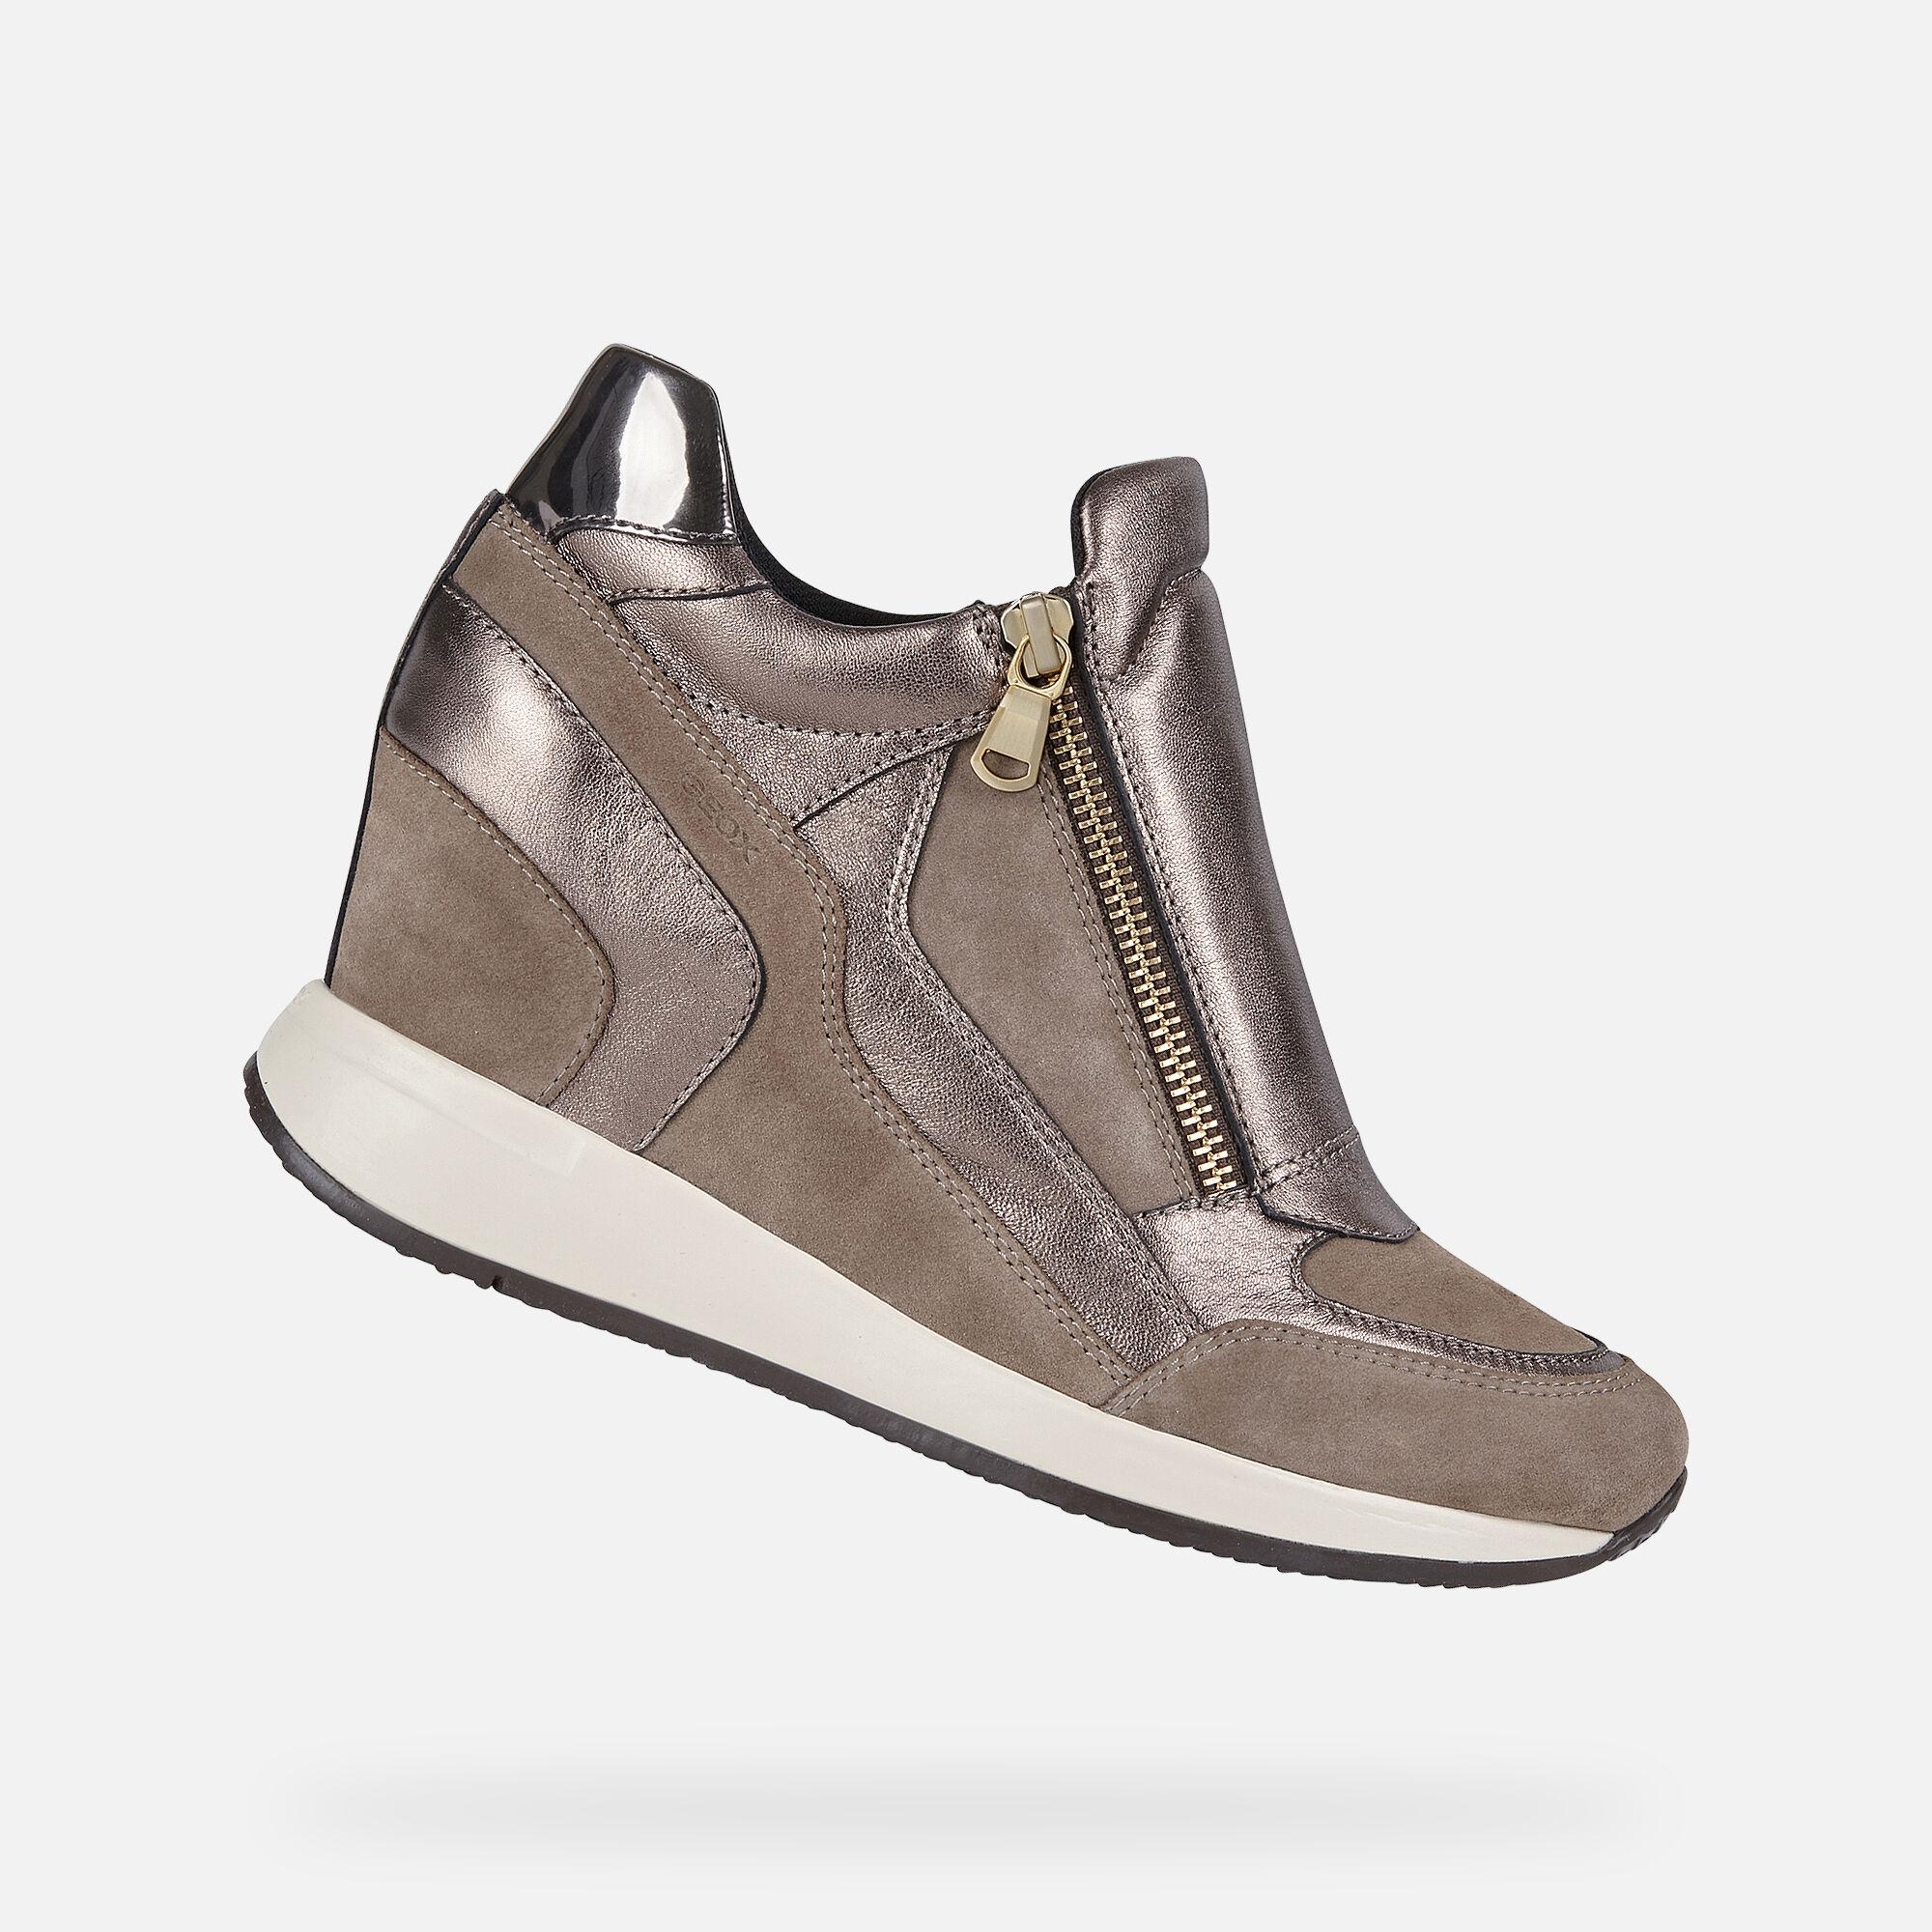 Geox NYDAME Woman: Beige Sneakers